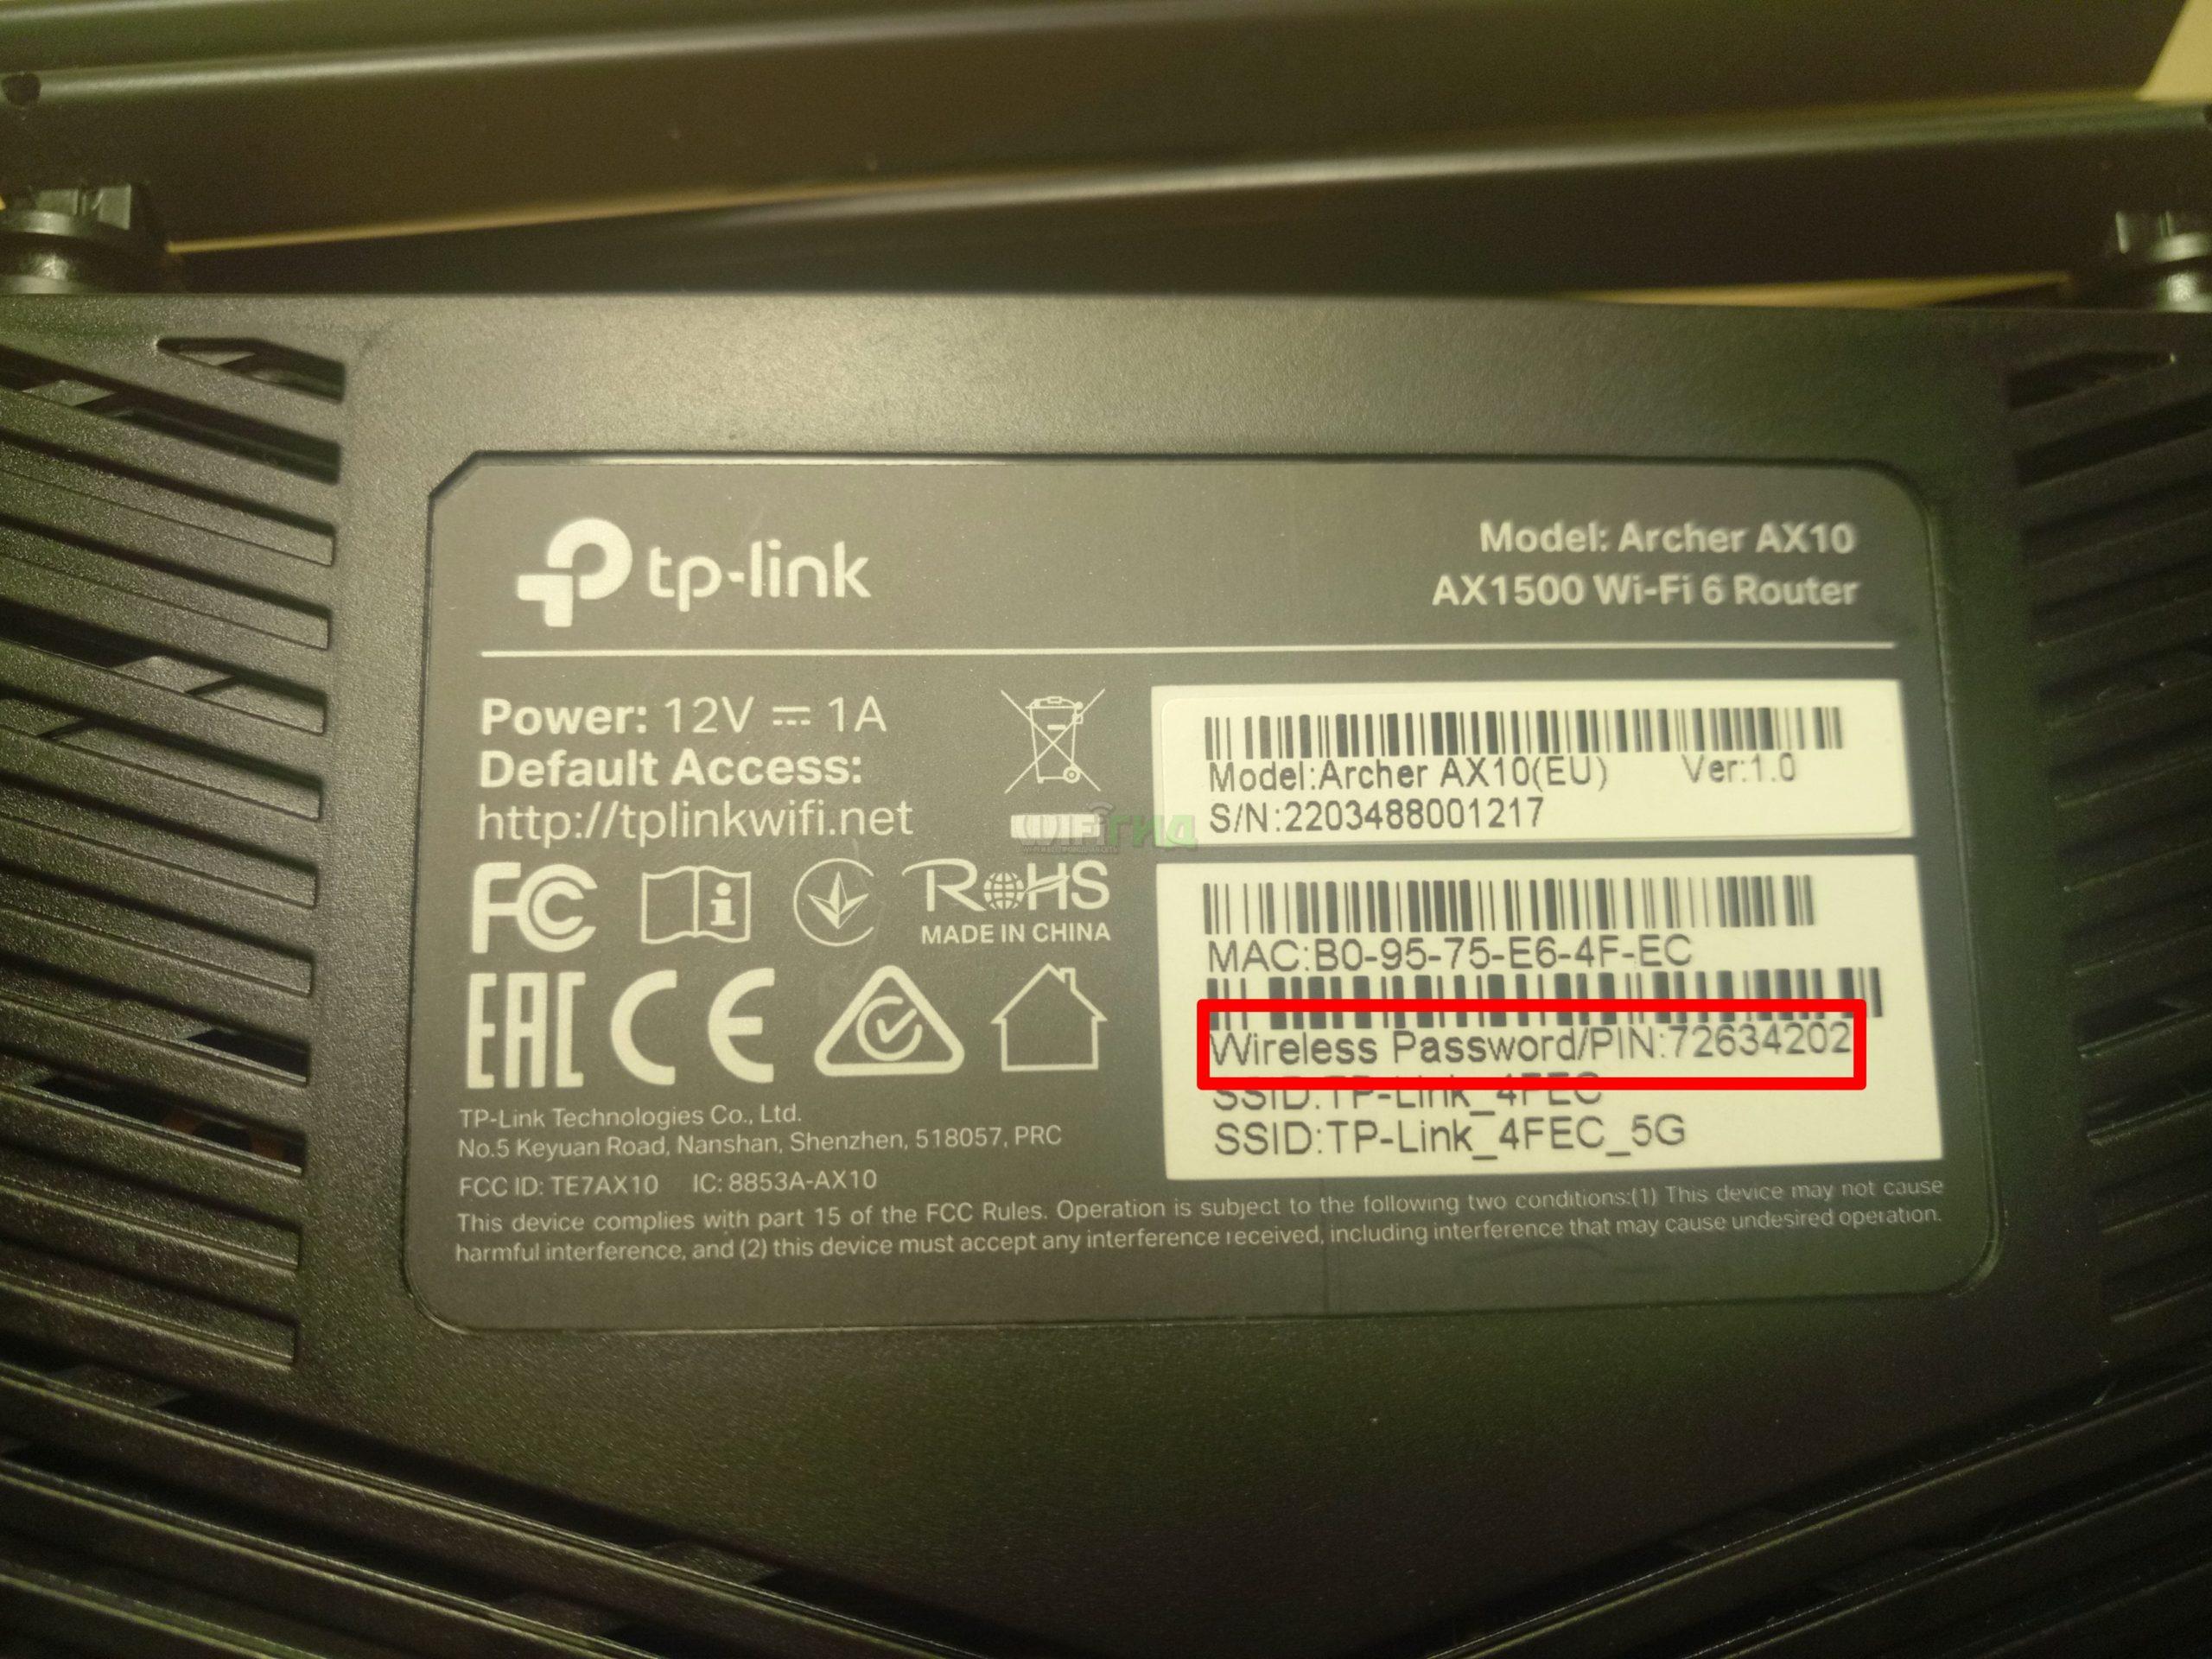 Наклейка на TP-Link AX10 с паролем от Wi-Fi